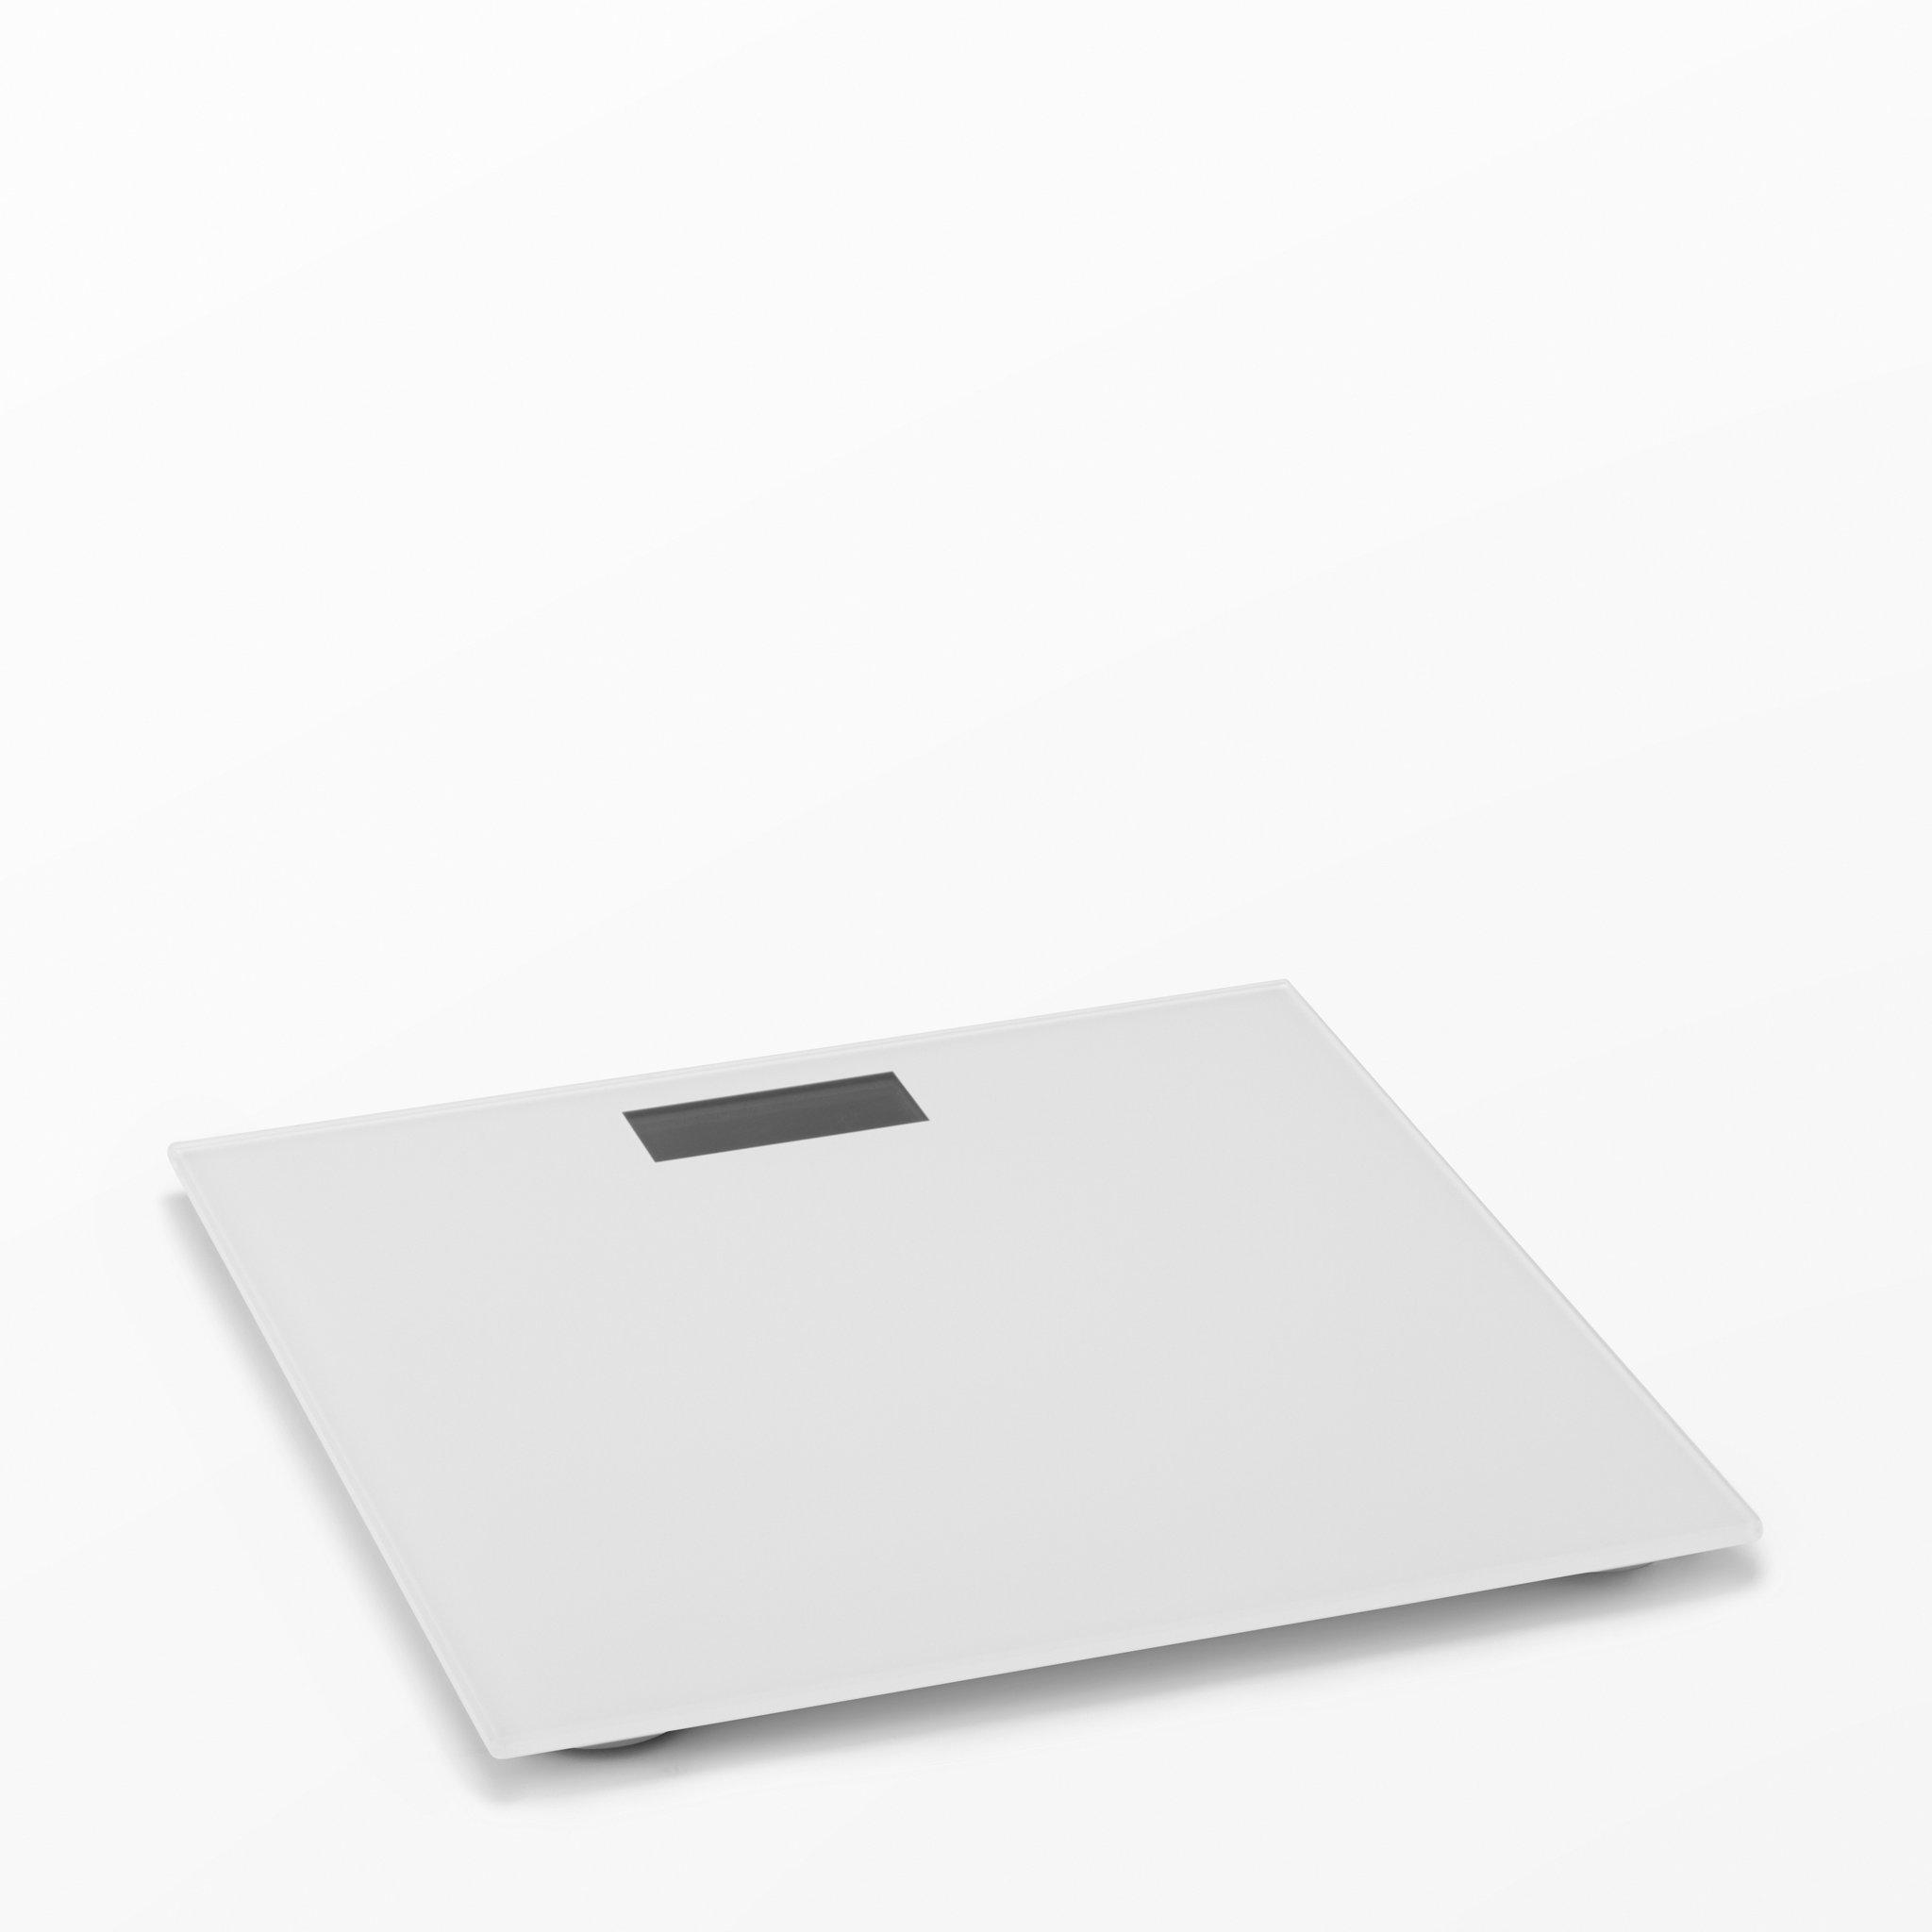 Personvåg   badrumsaccessoarer  köp online på åhlens.se!